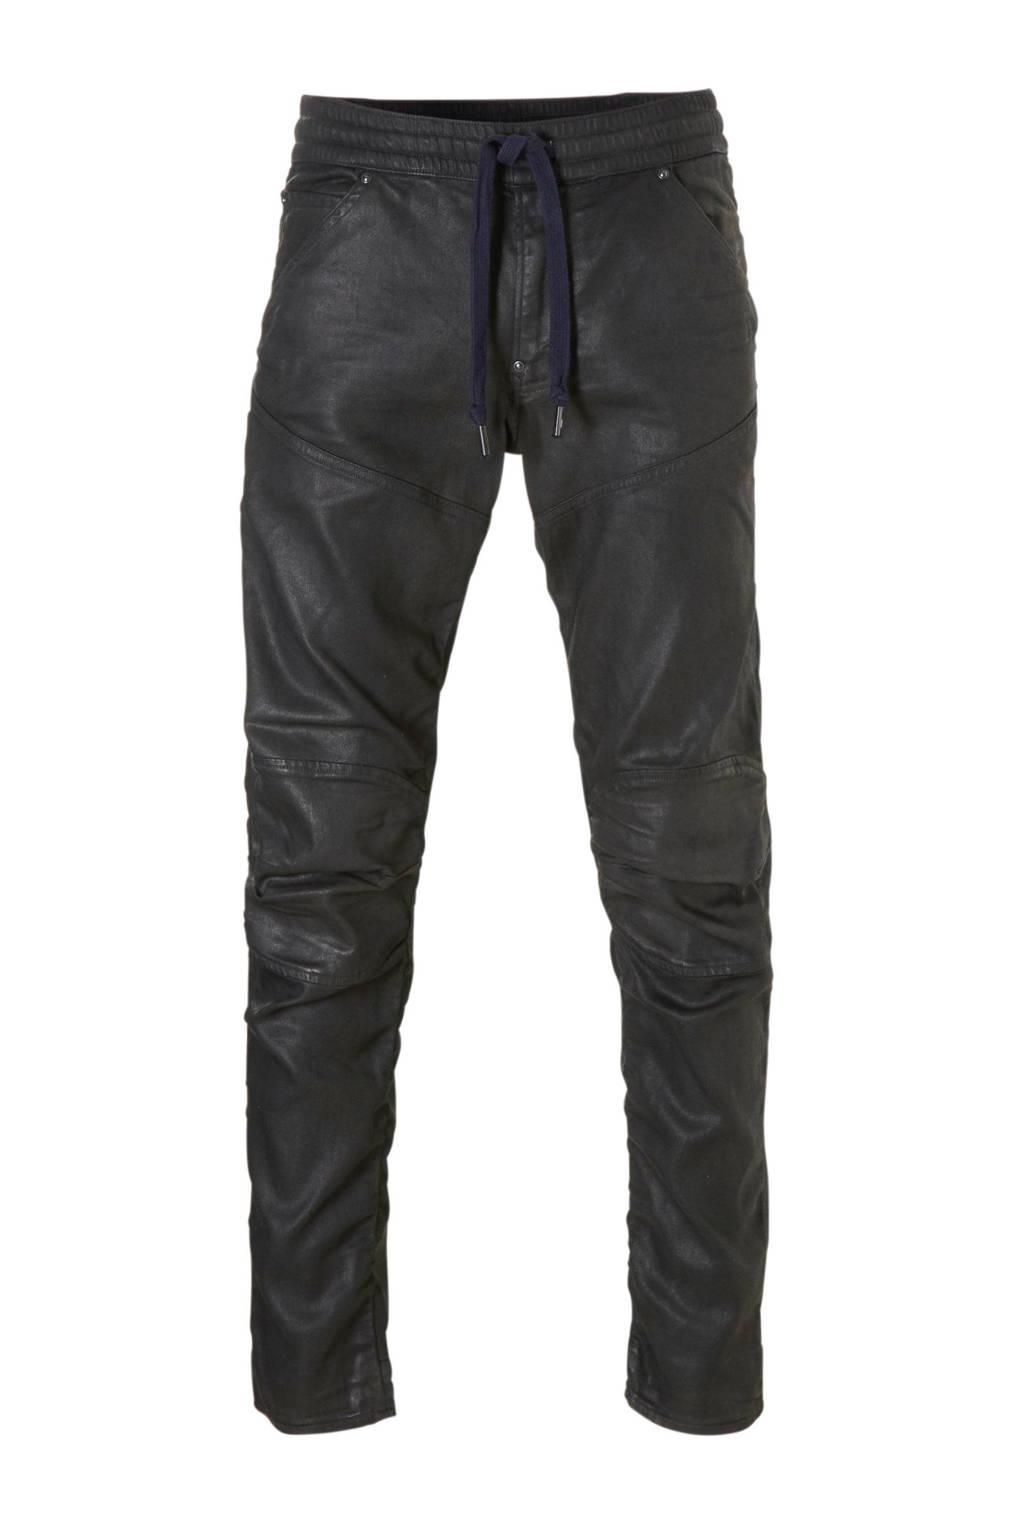 G-Star RAW tapered cargo broek, Zwart